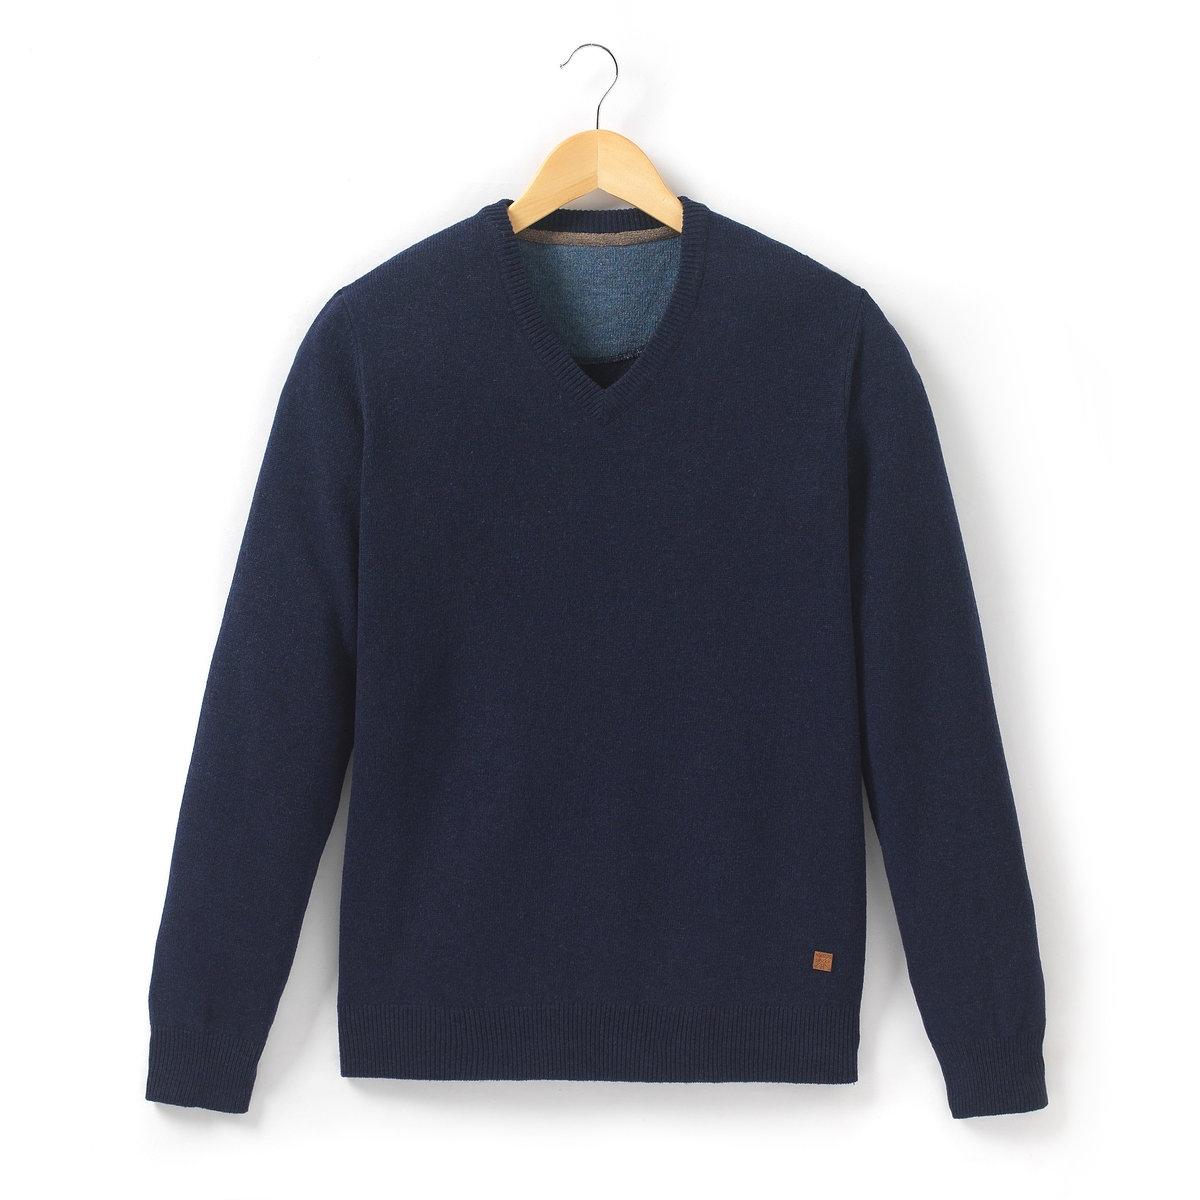 Пуловер с V-образным вырезом, 100% шерстьПуловер с V-образным вырезом R essentiels. 100% шерсти ягненка. Воротник связан по принципу 1x1. Края низа и рукавов связаны в рубчик. Длина 69 см .<br><br>Цвет: темно-серый меланж,темно-синий меланж